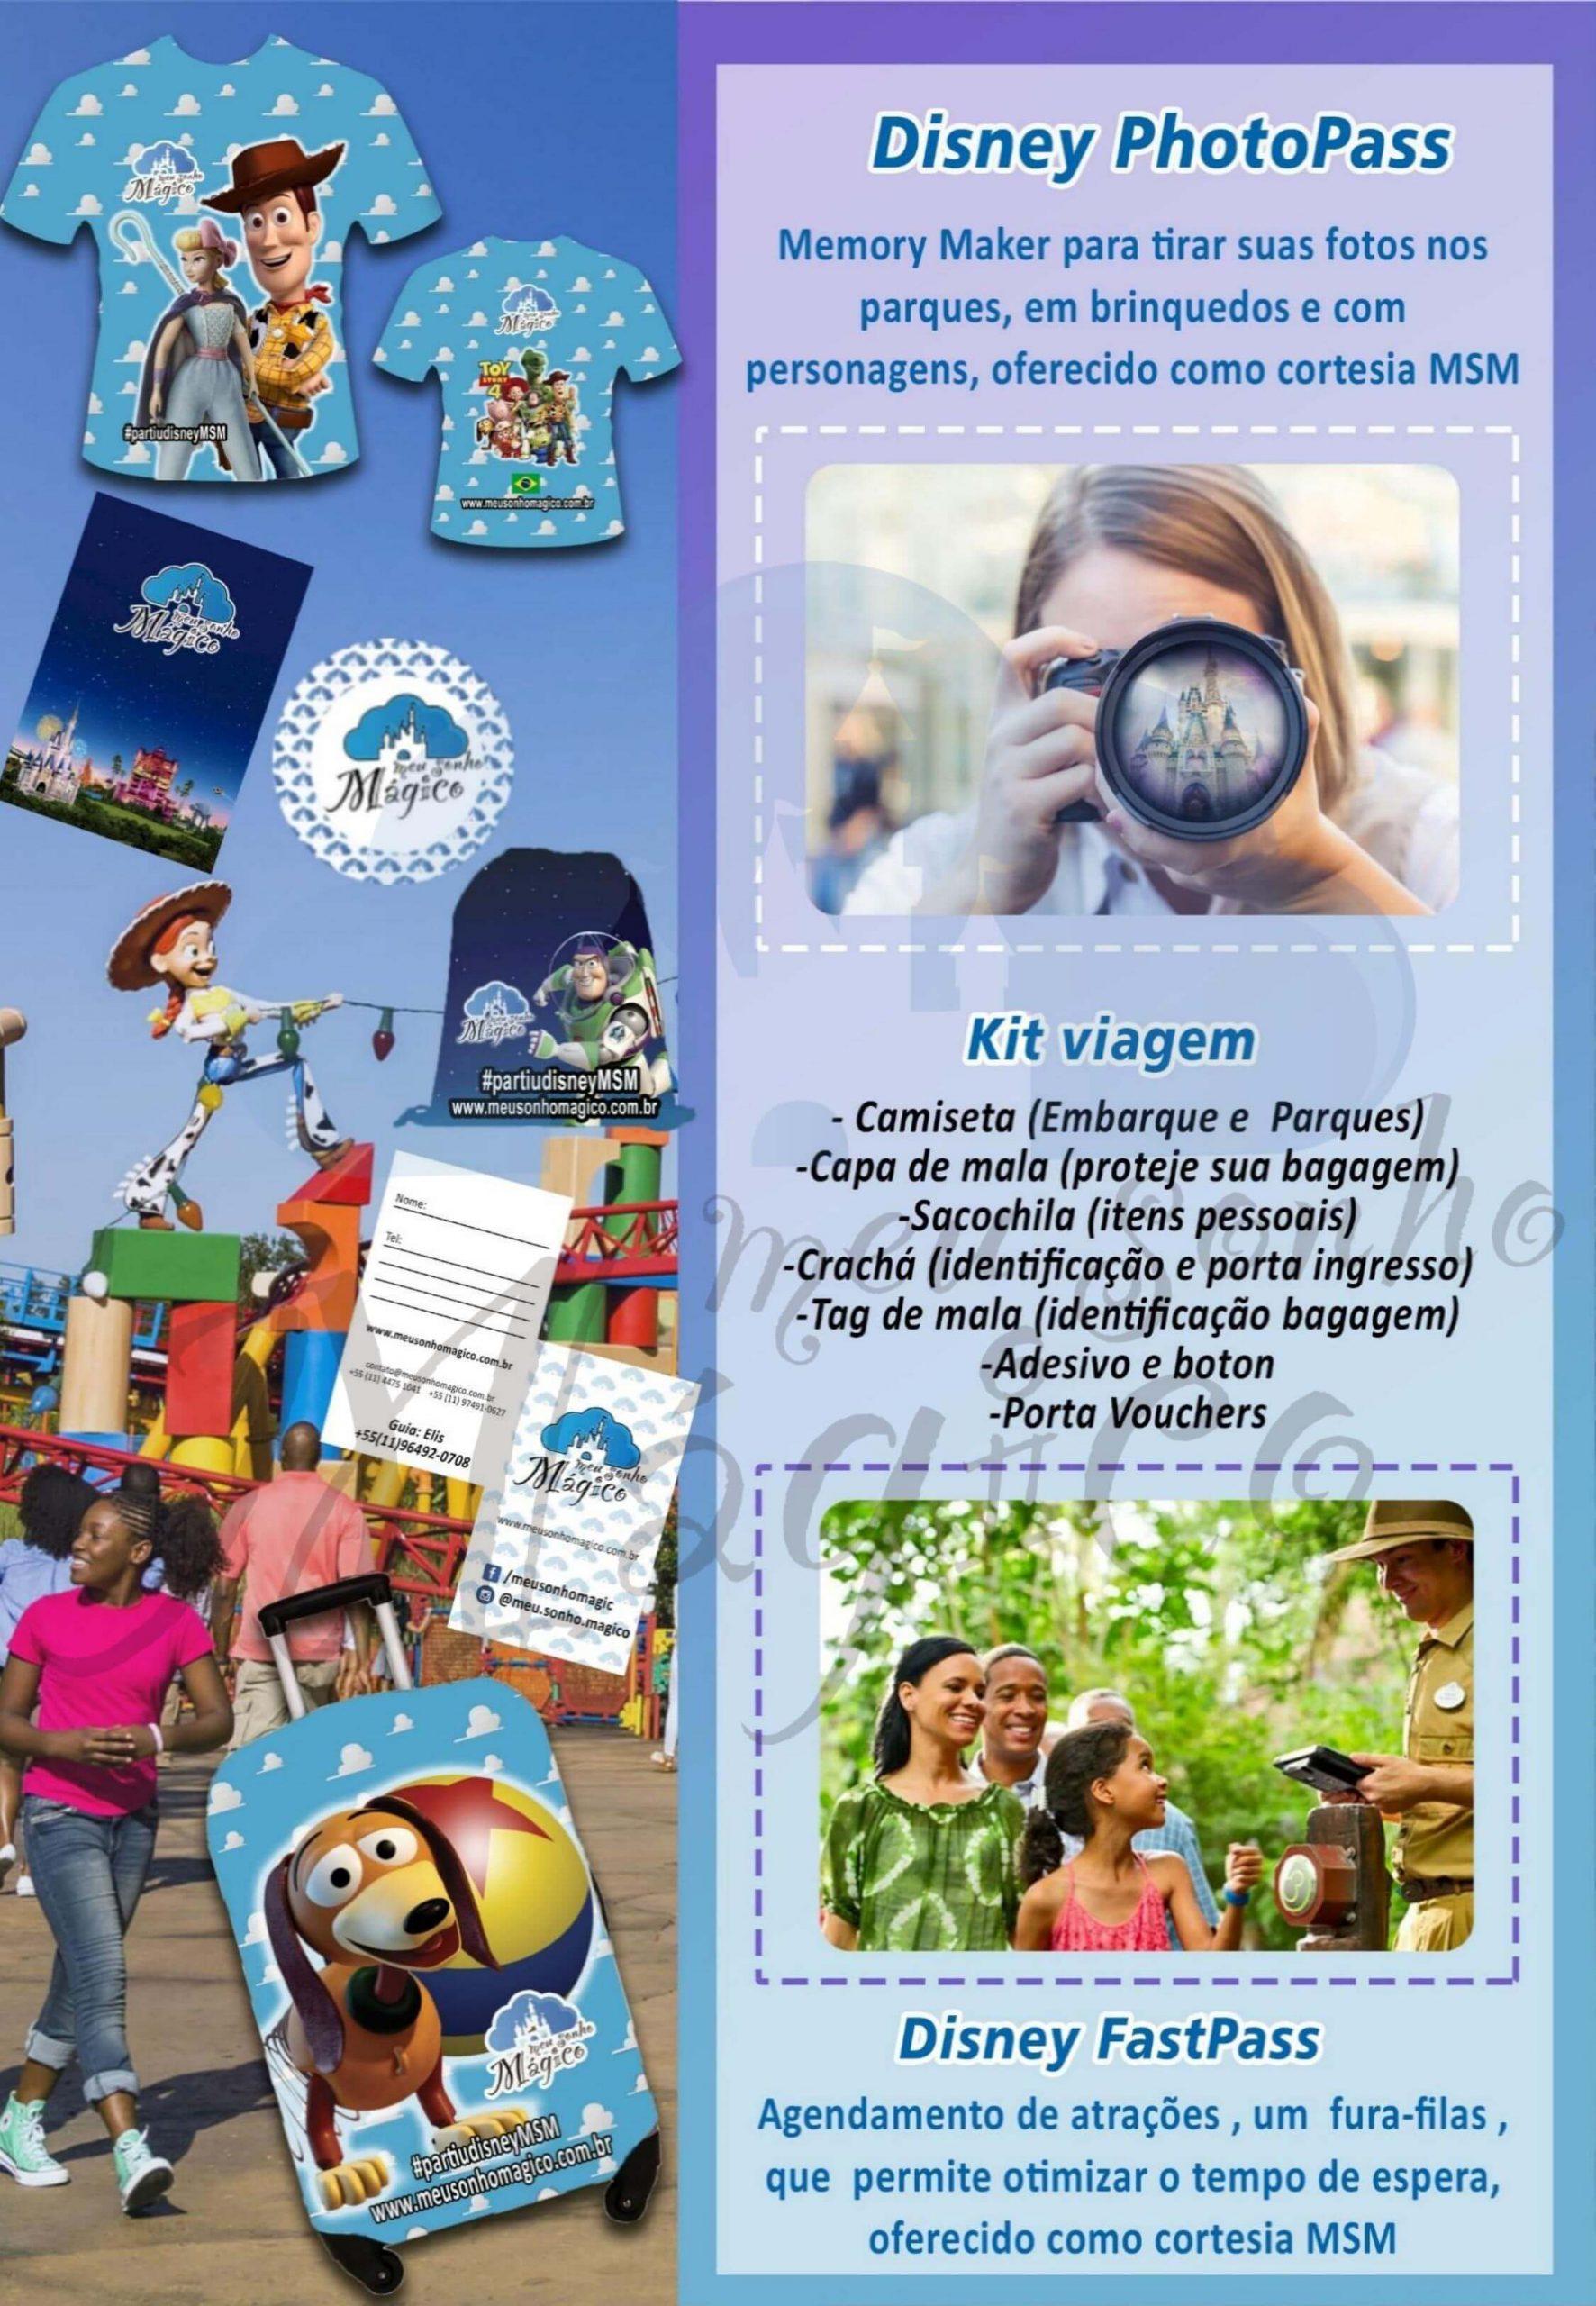 Grupo Family Inverno - Disney Janeiro 2023 5